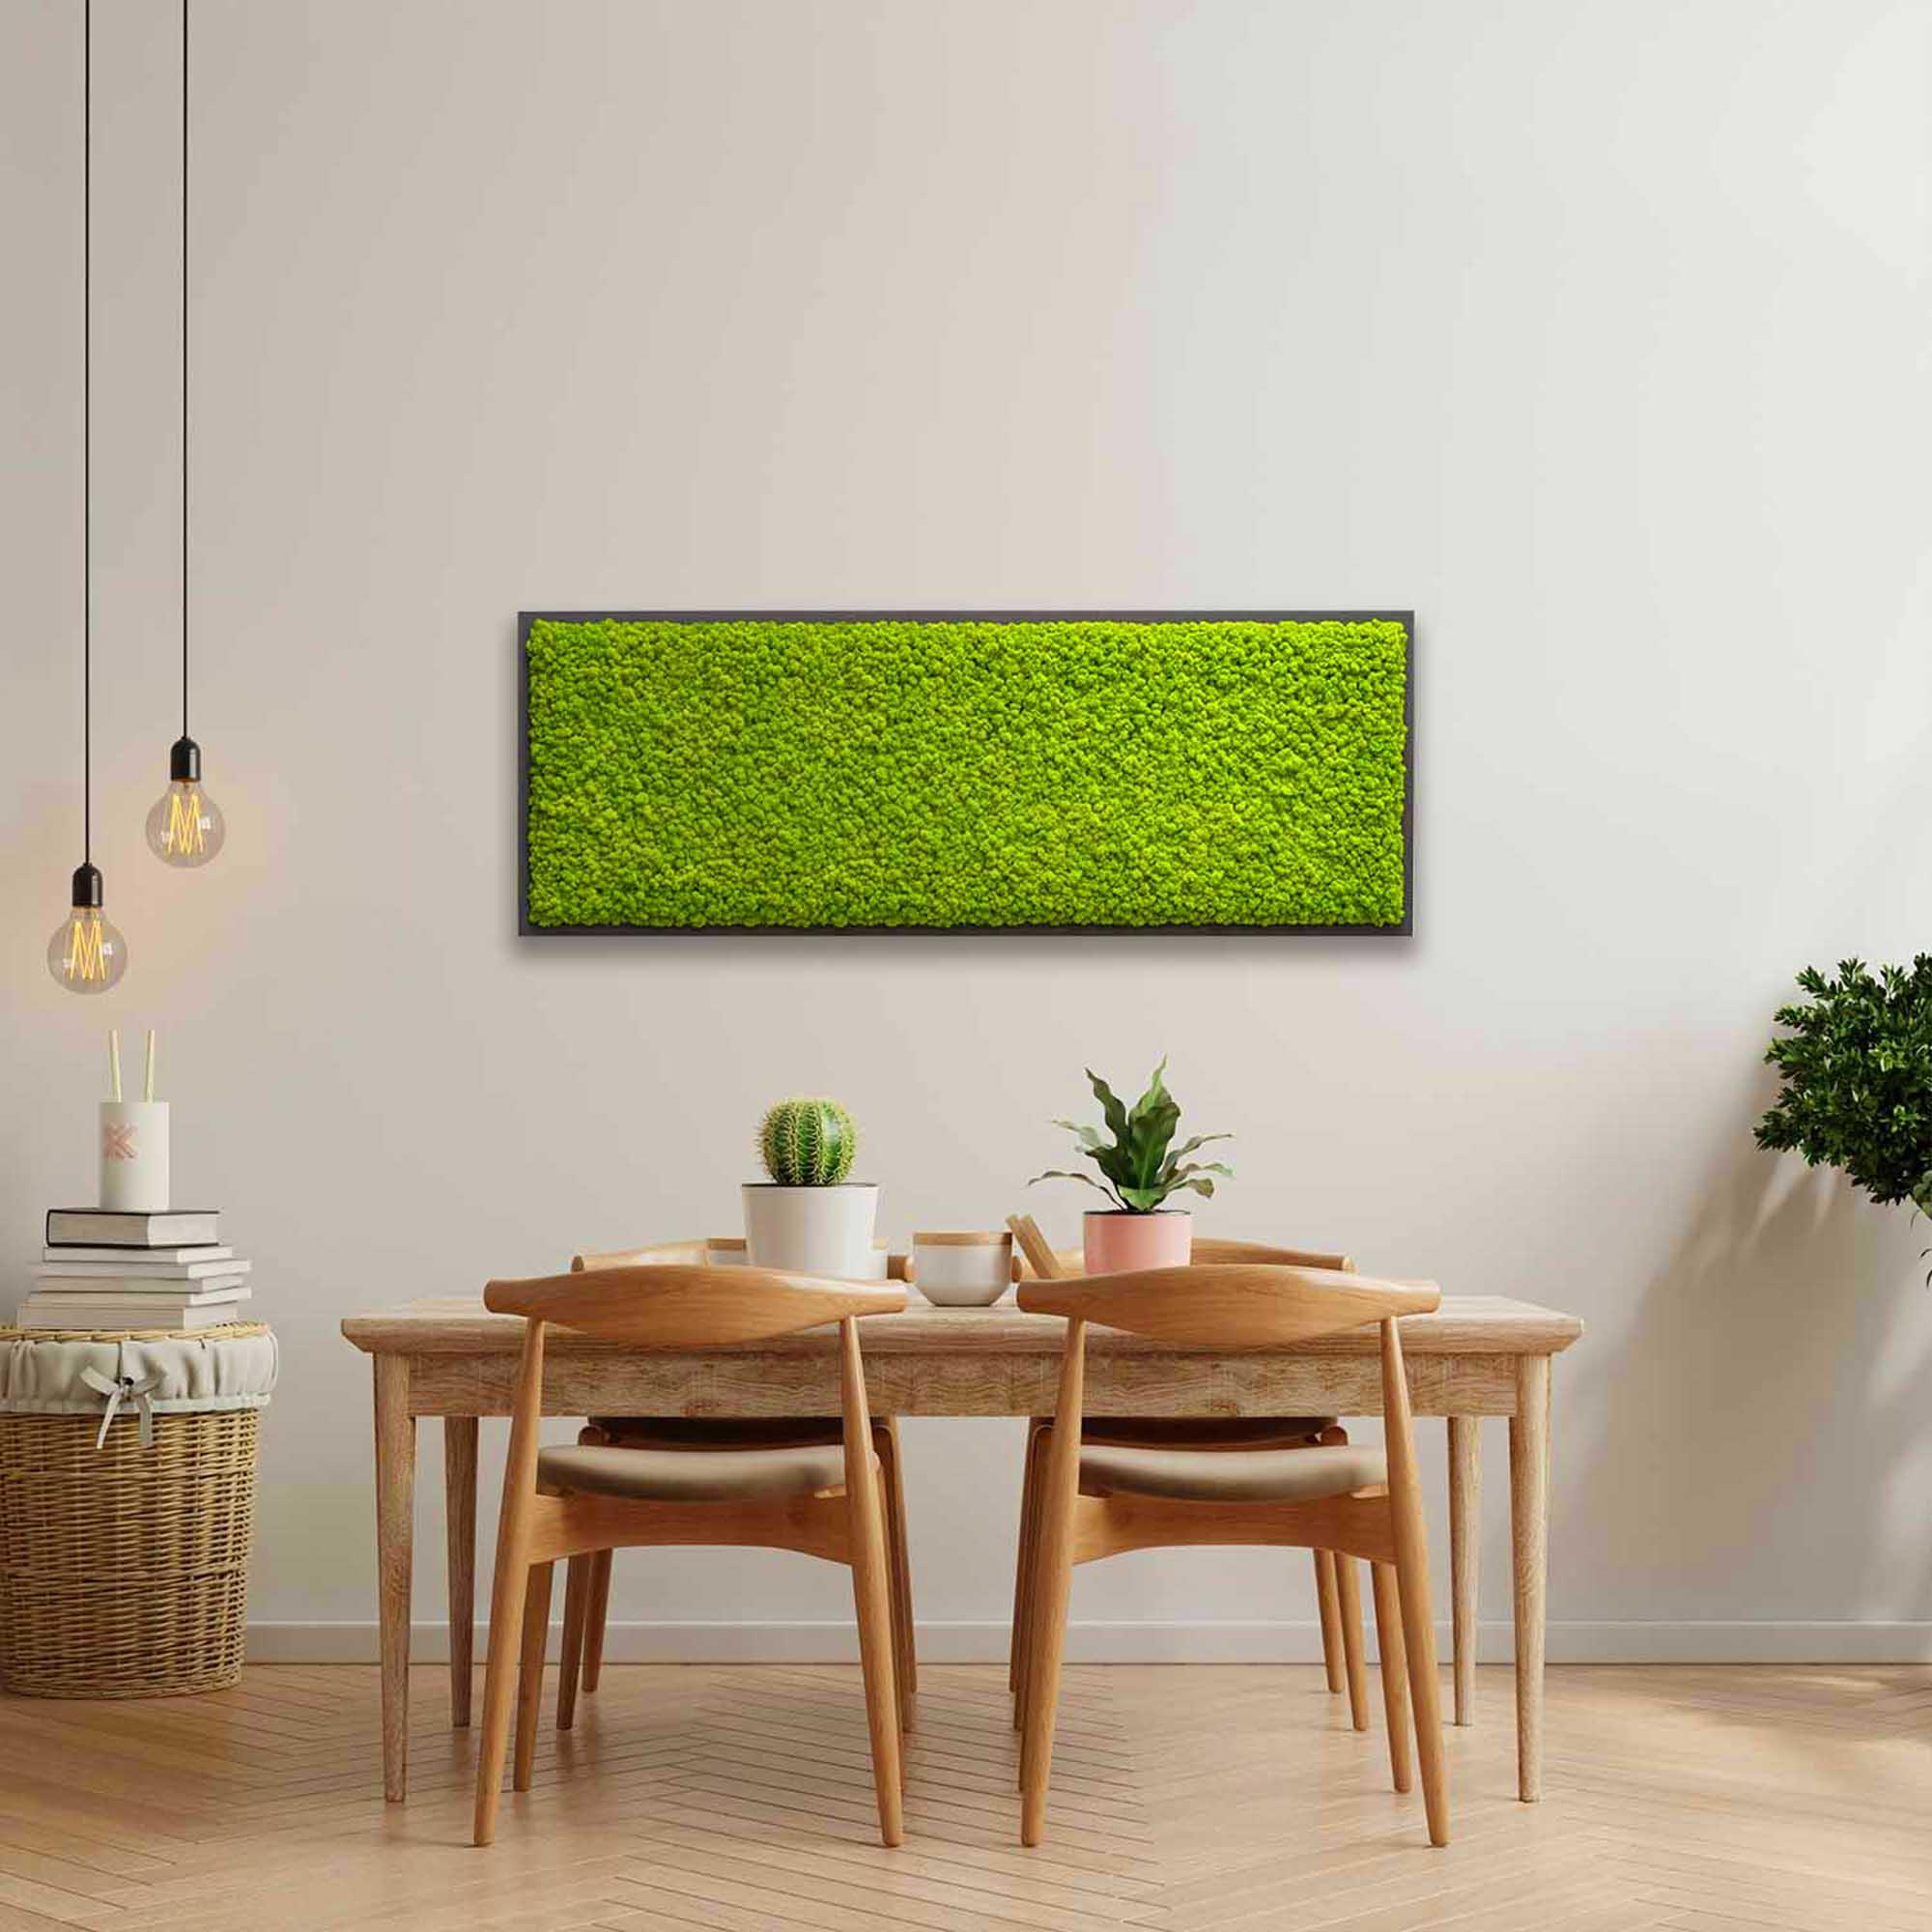 Islandmoosbild breit in Apfelgrün mit schwarzem Rahmen in minimalistischer Küche